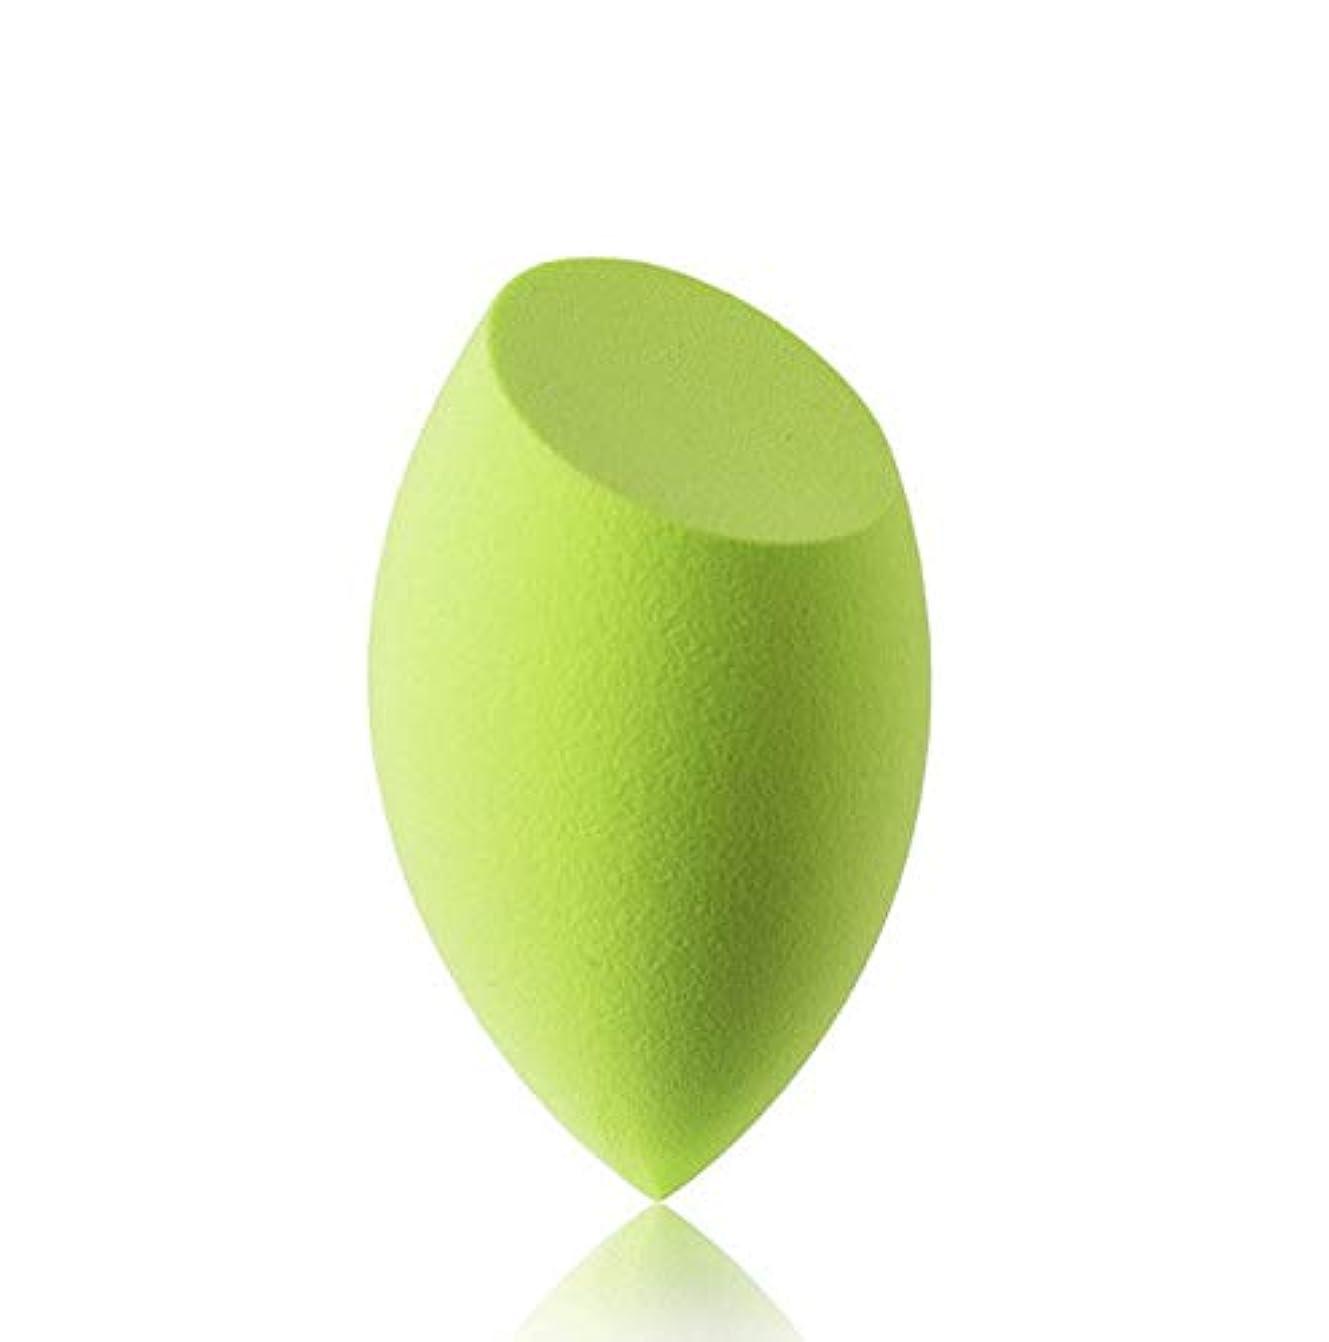 肥沃な開始午後美容スポンジ、ソフトブルー、グリーン美容エッグメイクブレンダーファンデーションスポンジ (Color : グリンー)